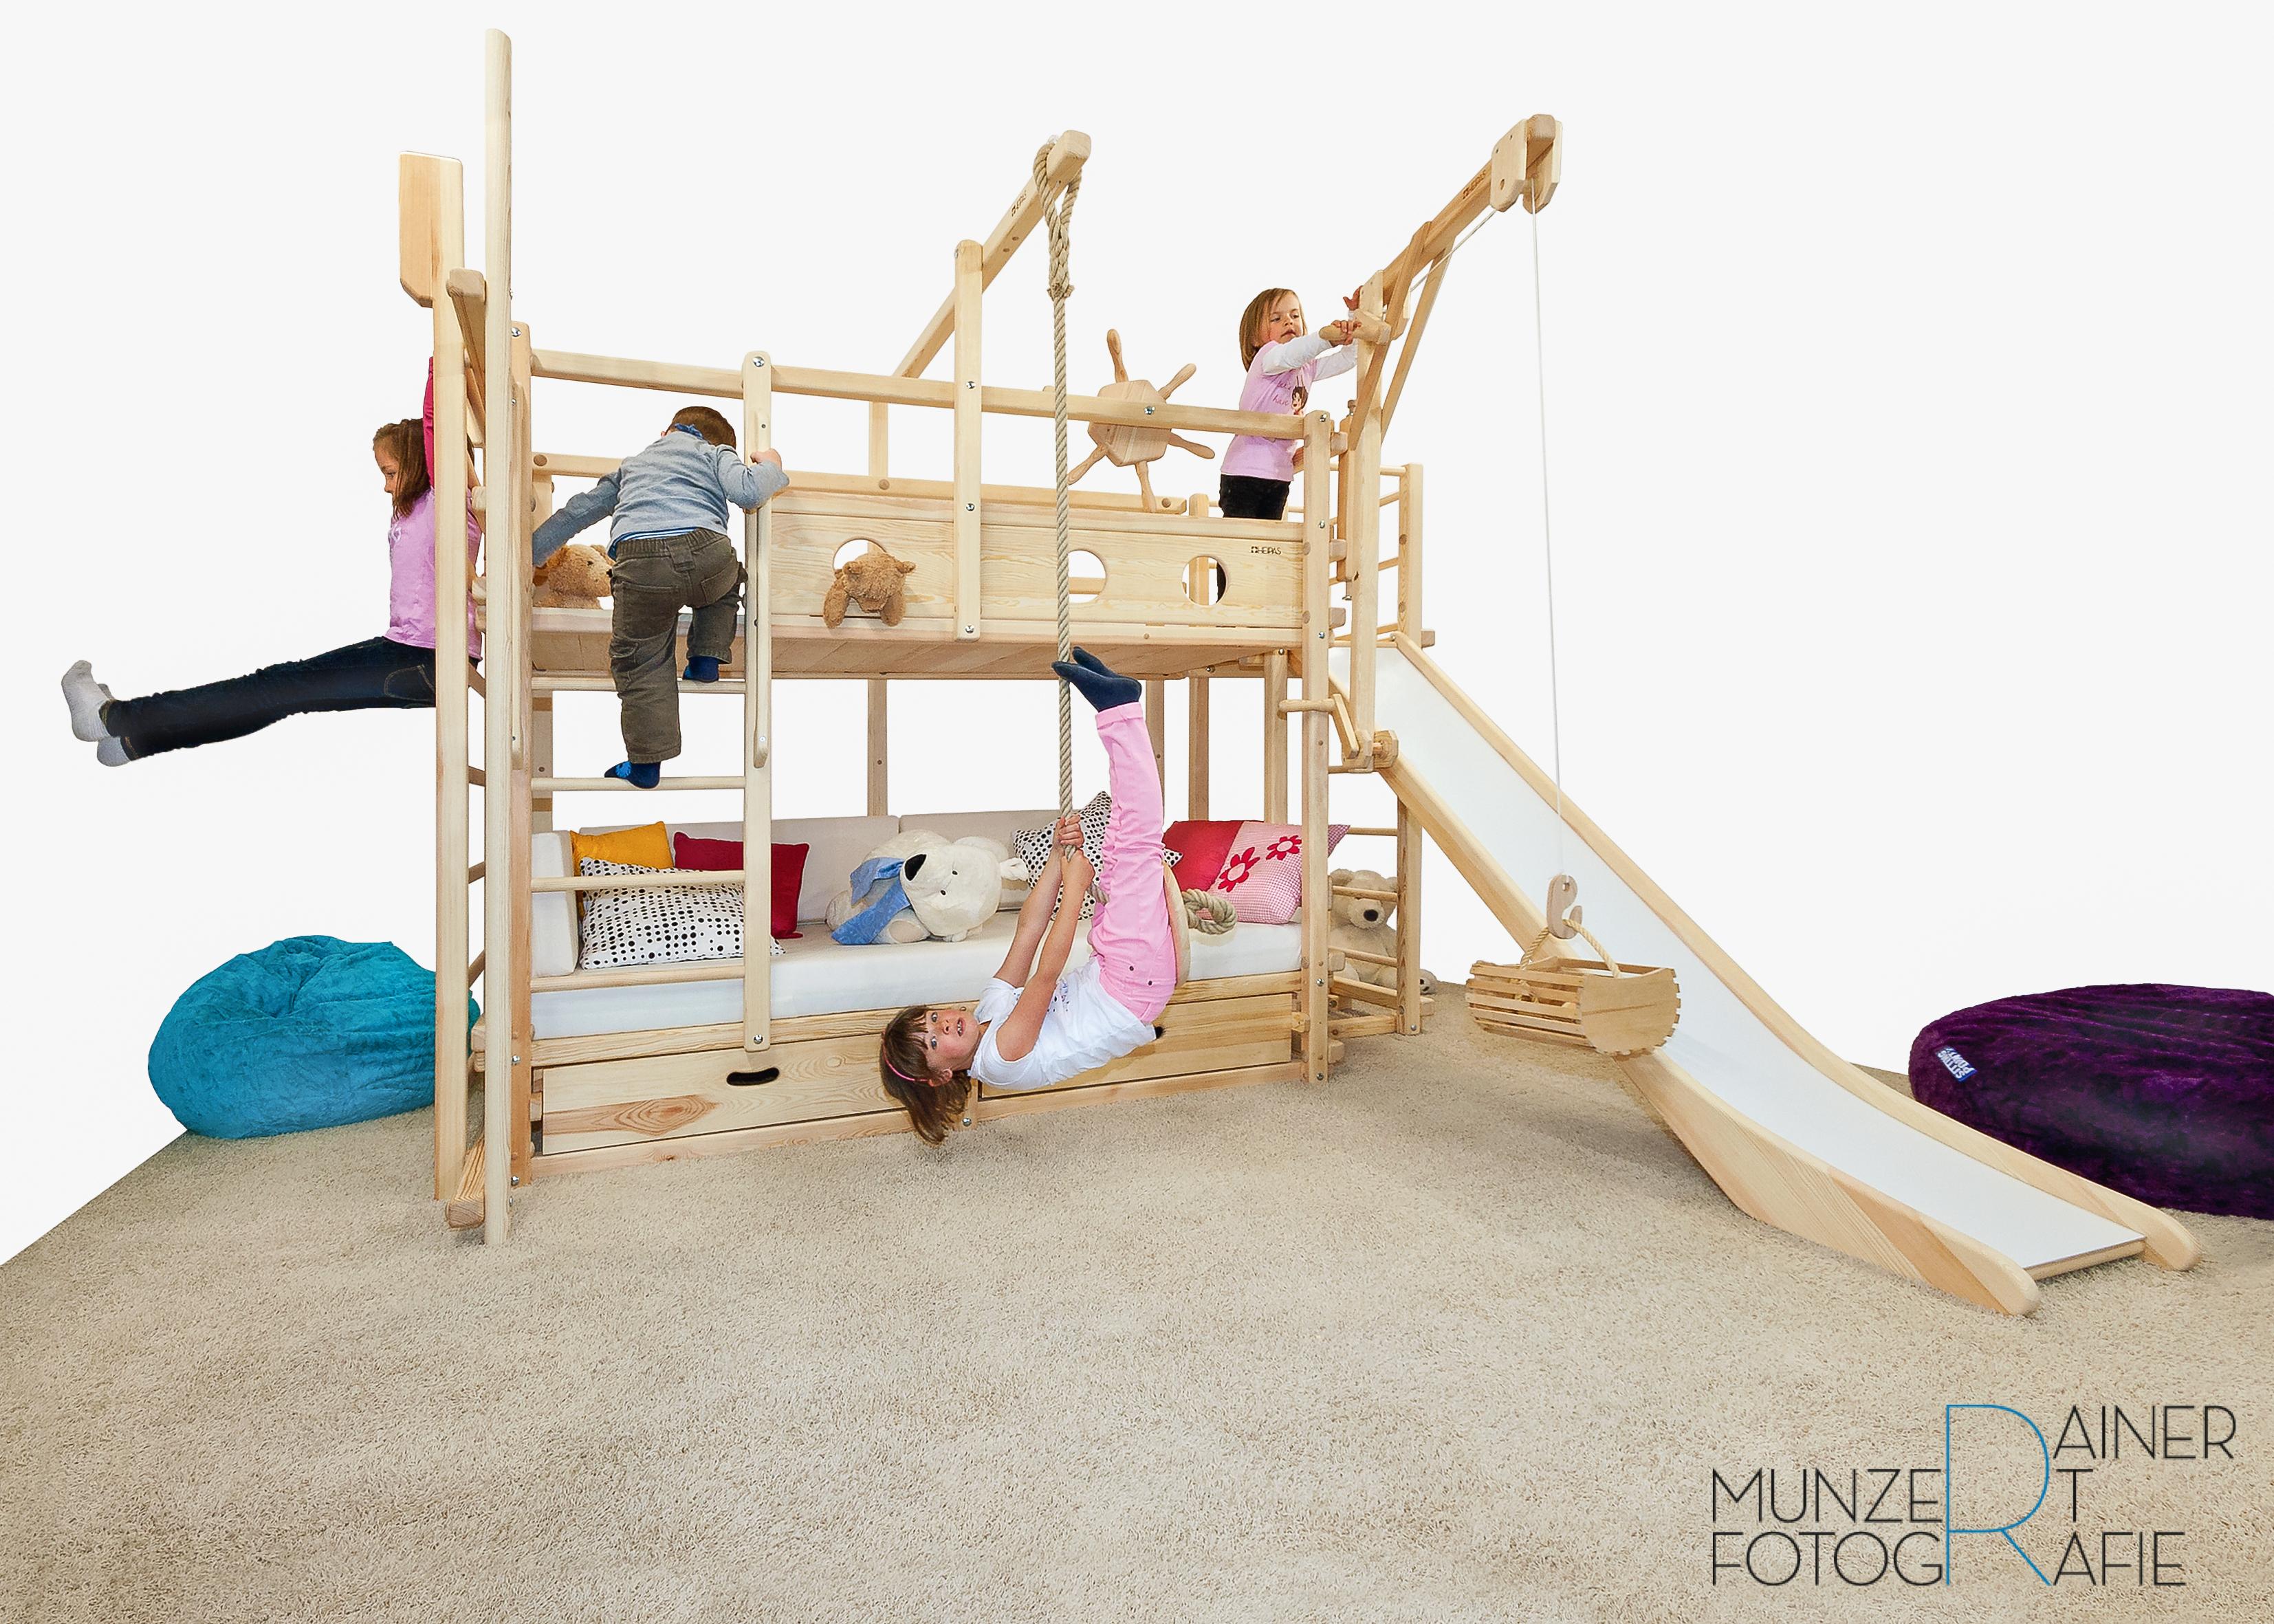 Spielbett mit Kindern